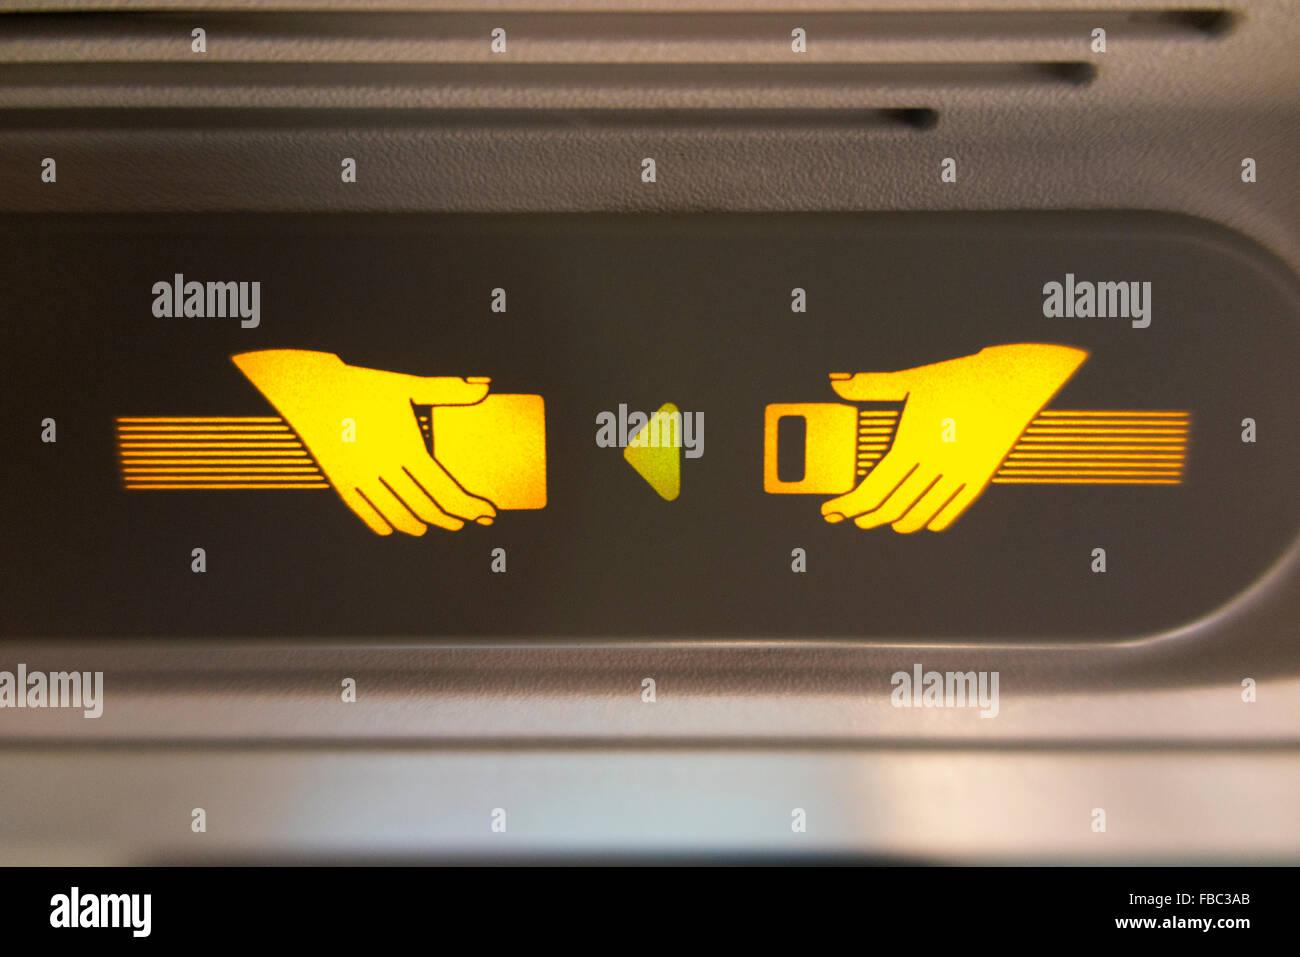 """Flugzeug """"Fasten Seat Belt / Sicherheitsgurt"""" Licht Zeichen leuchtet & beleuchtet während eines Fluges im A320 Flugzeug Stockfoto"""